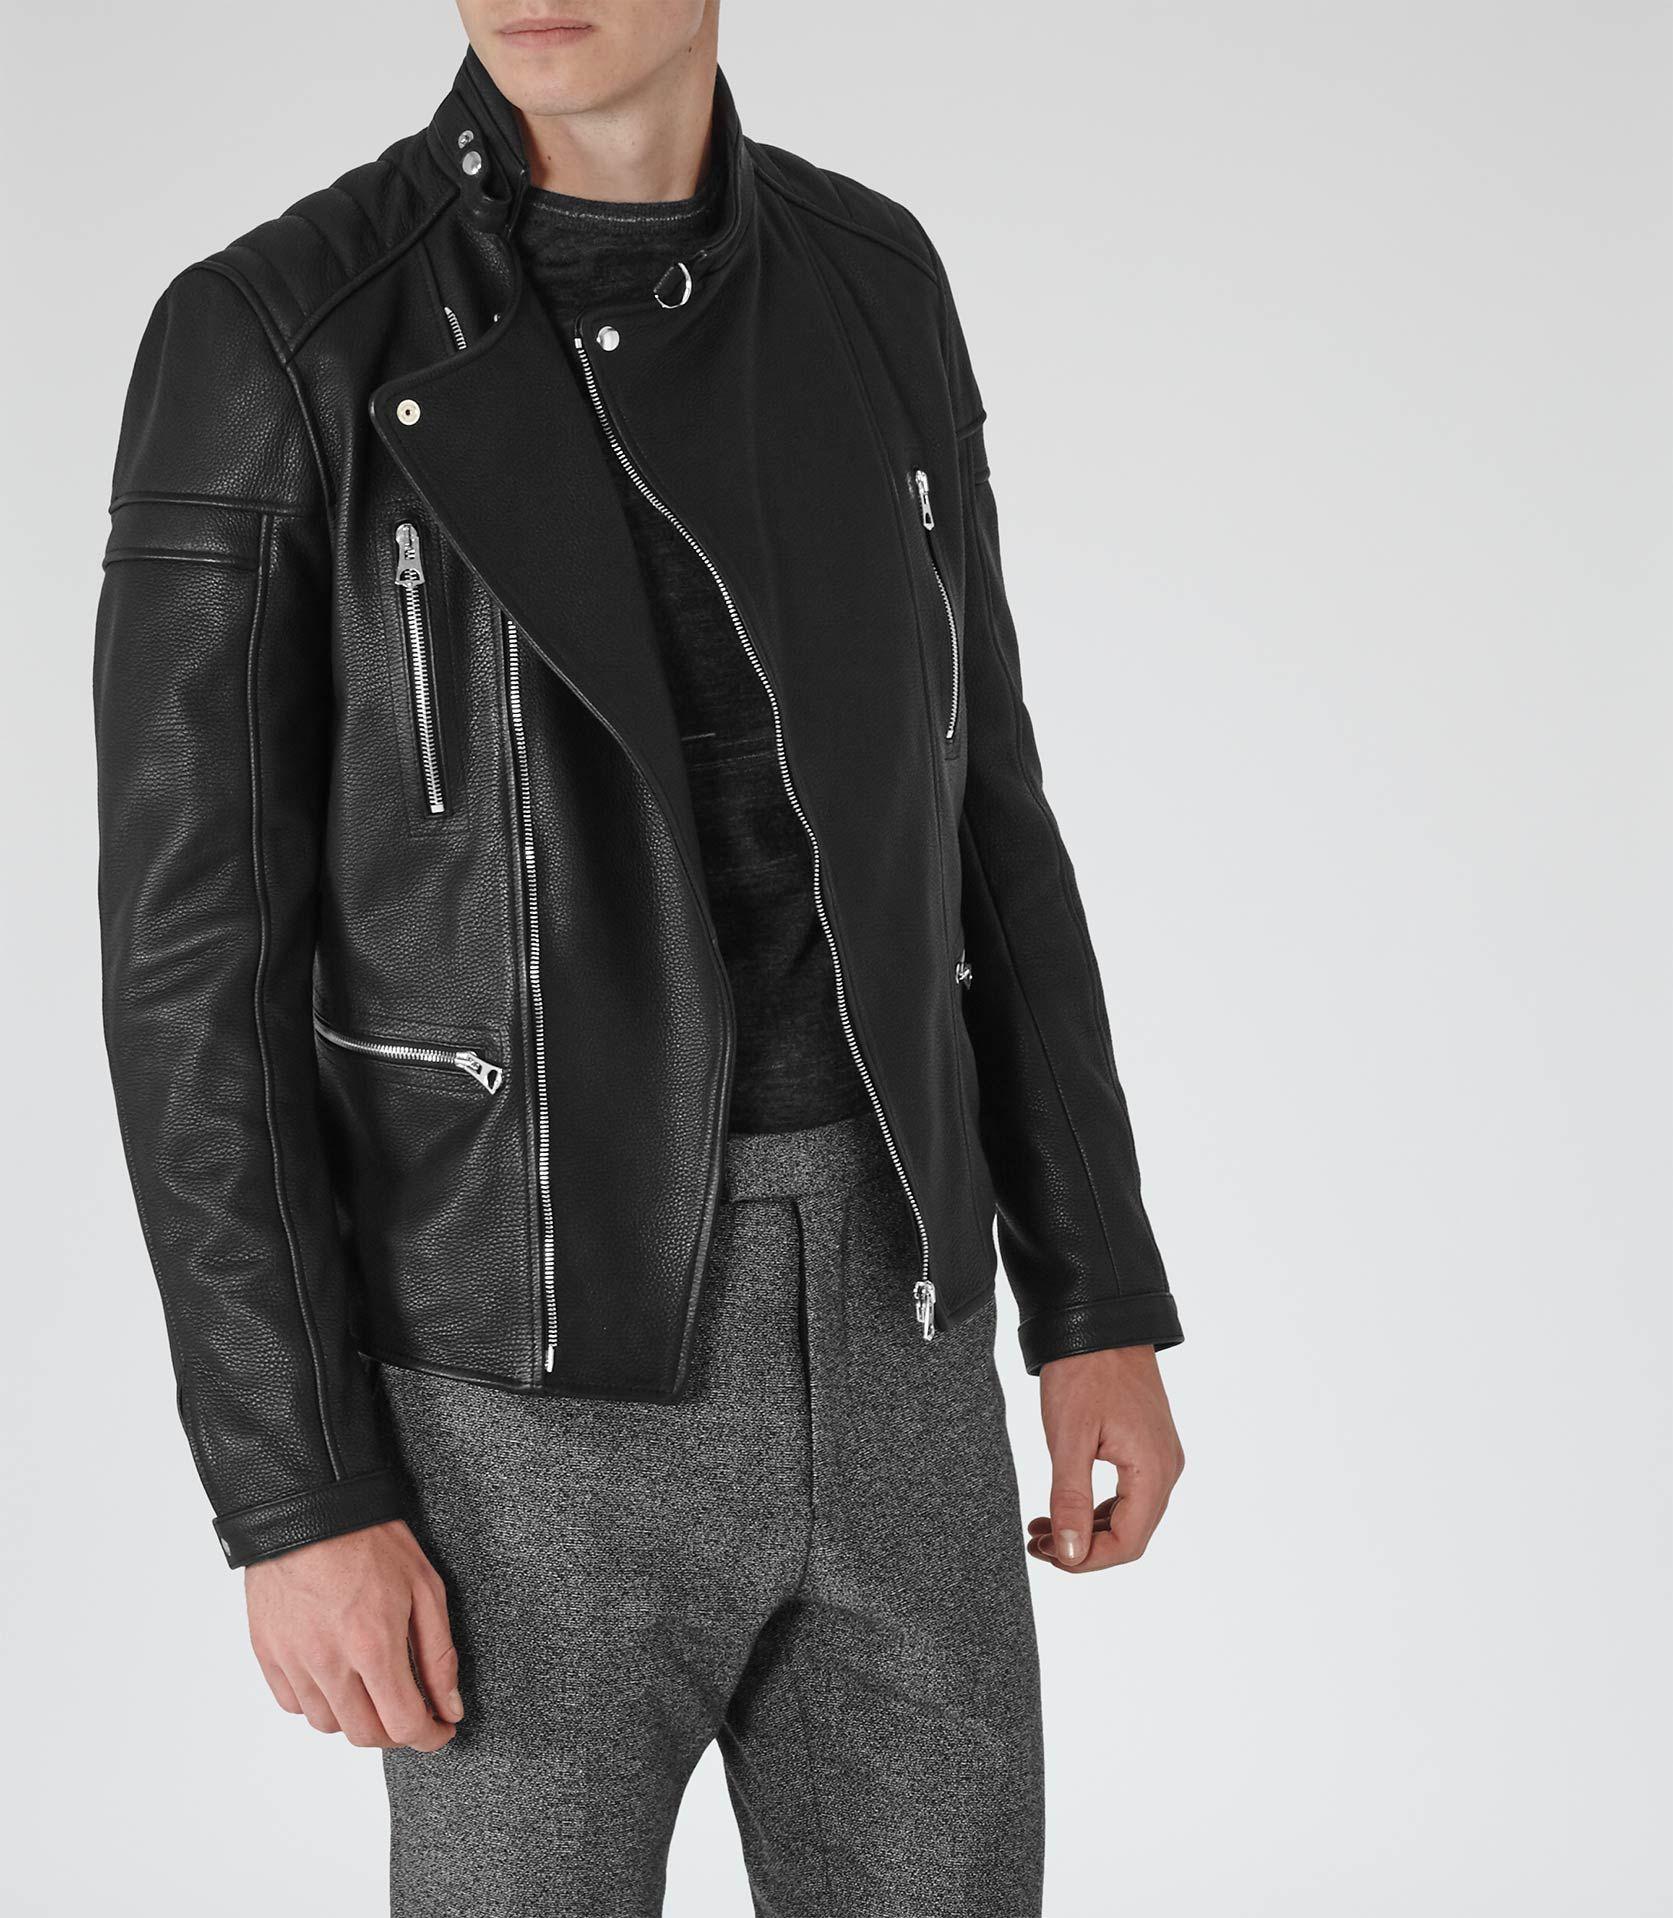 558ebaf3a Mens Black Leather Biker Jacket - Reiss Spitfire | yeah | Black ...